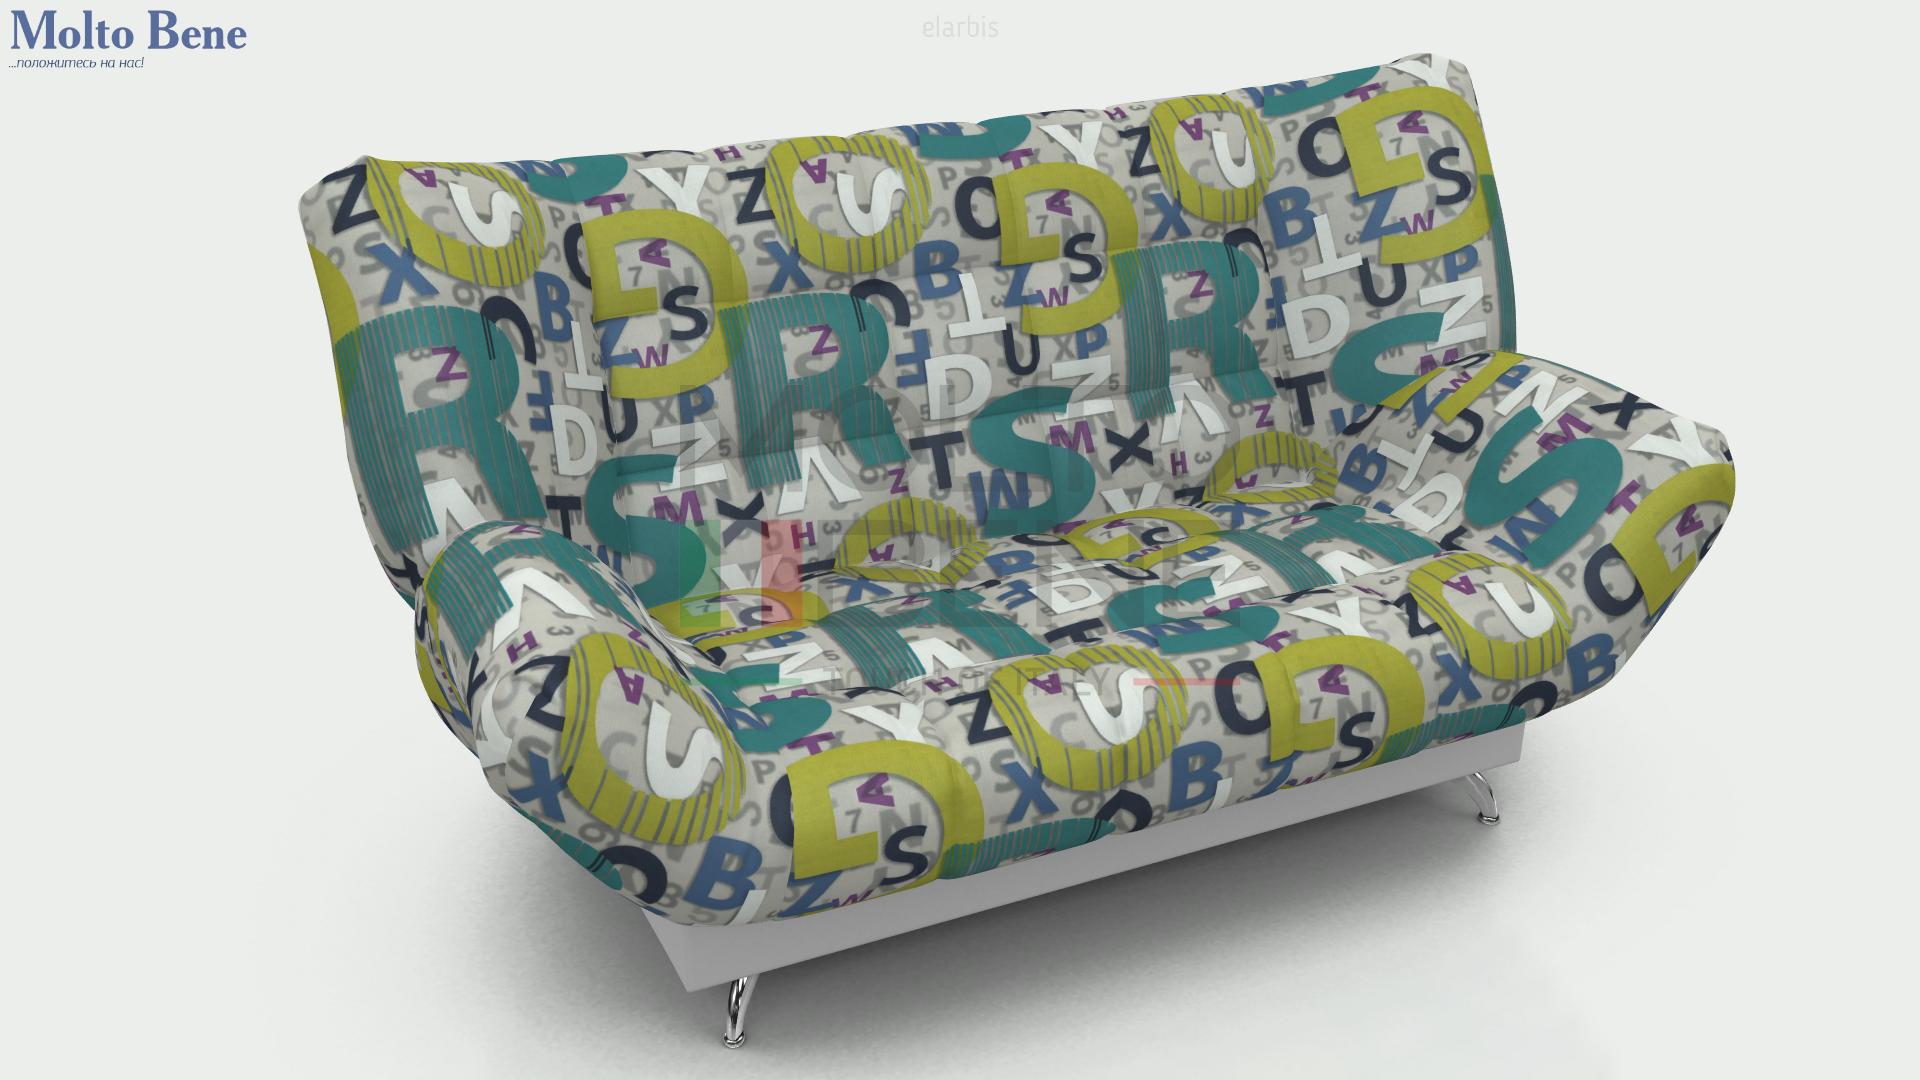 Чехол на диван клик кляк - запись пользователя мария (id1789731) 10